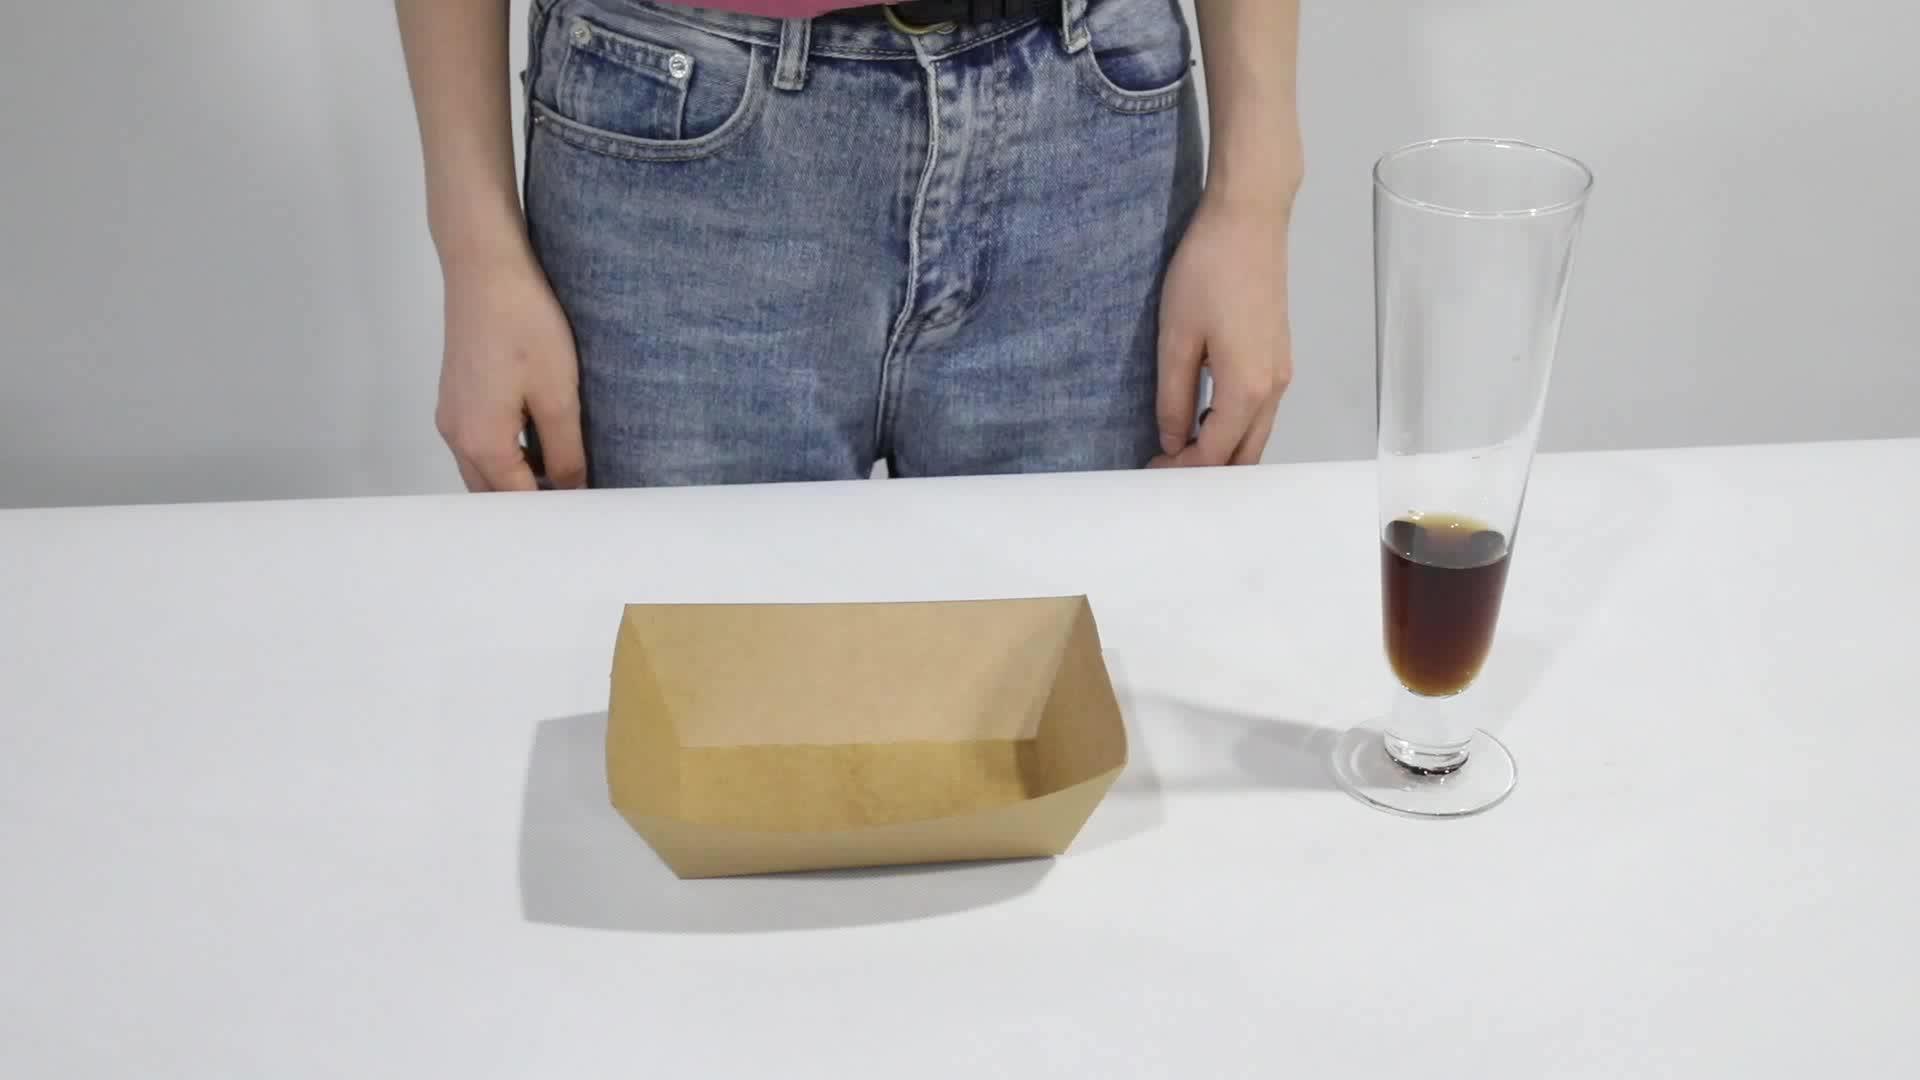 Logotipo personalizado Impressão de Papel À Prova de Graxa Bandeja do Alimento